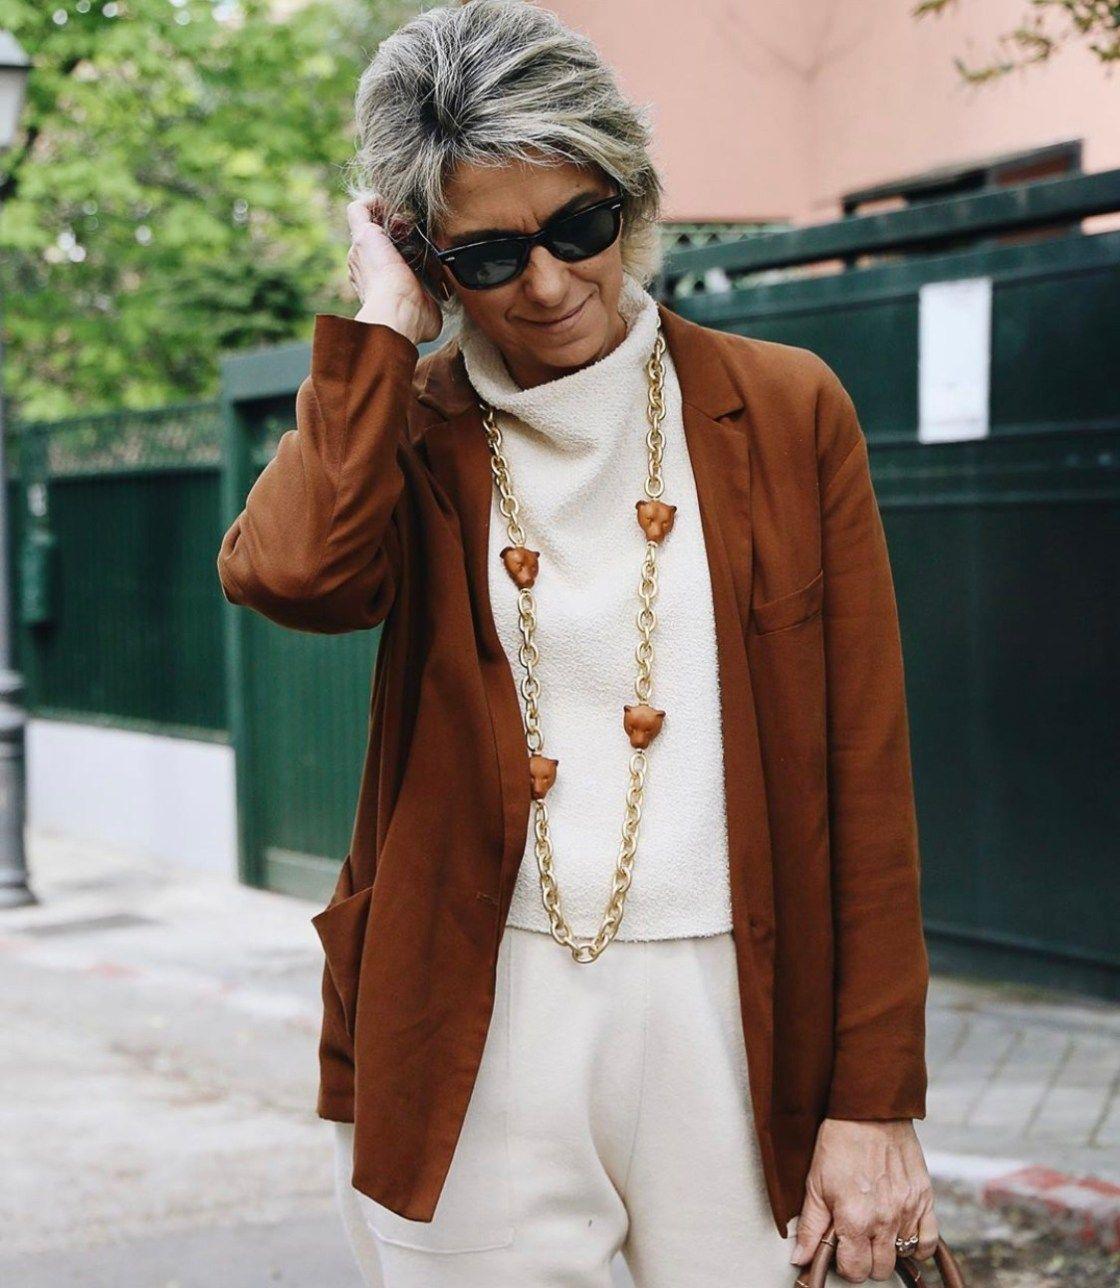 30 looks com vestido branco em vários estilos para inspirar